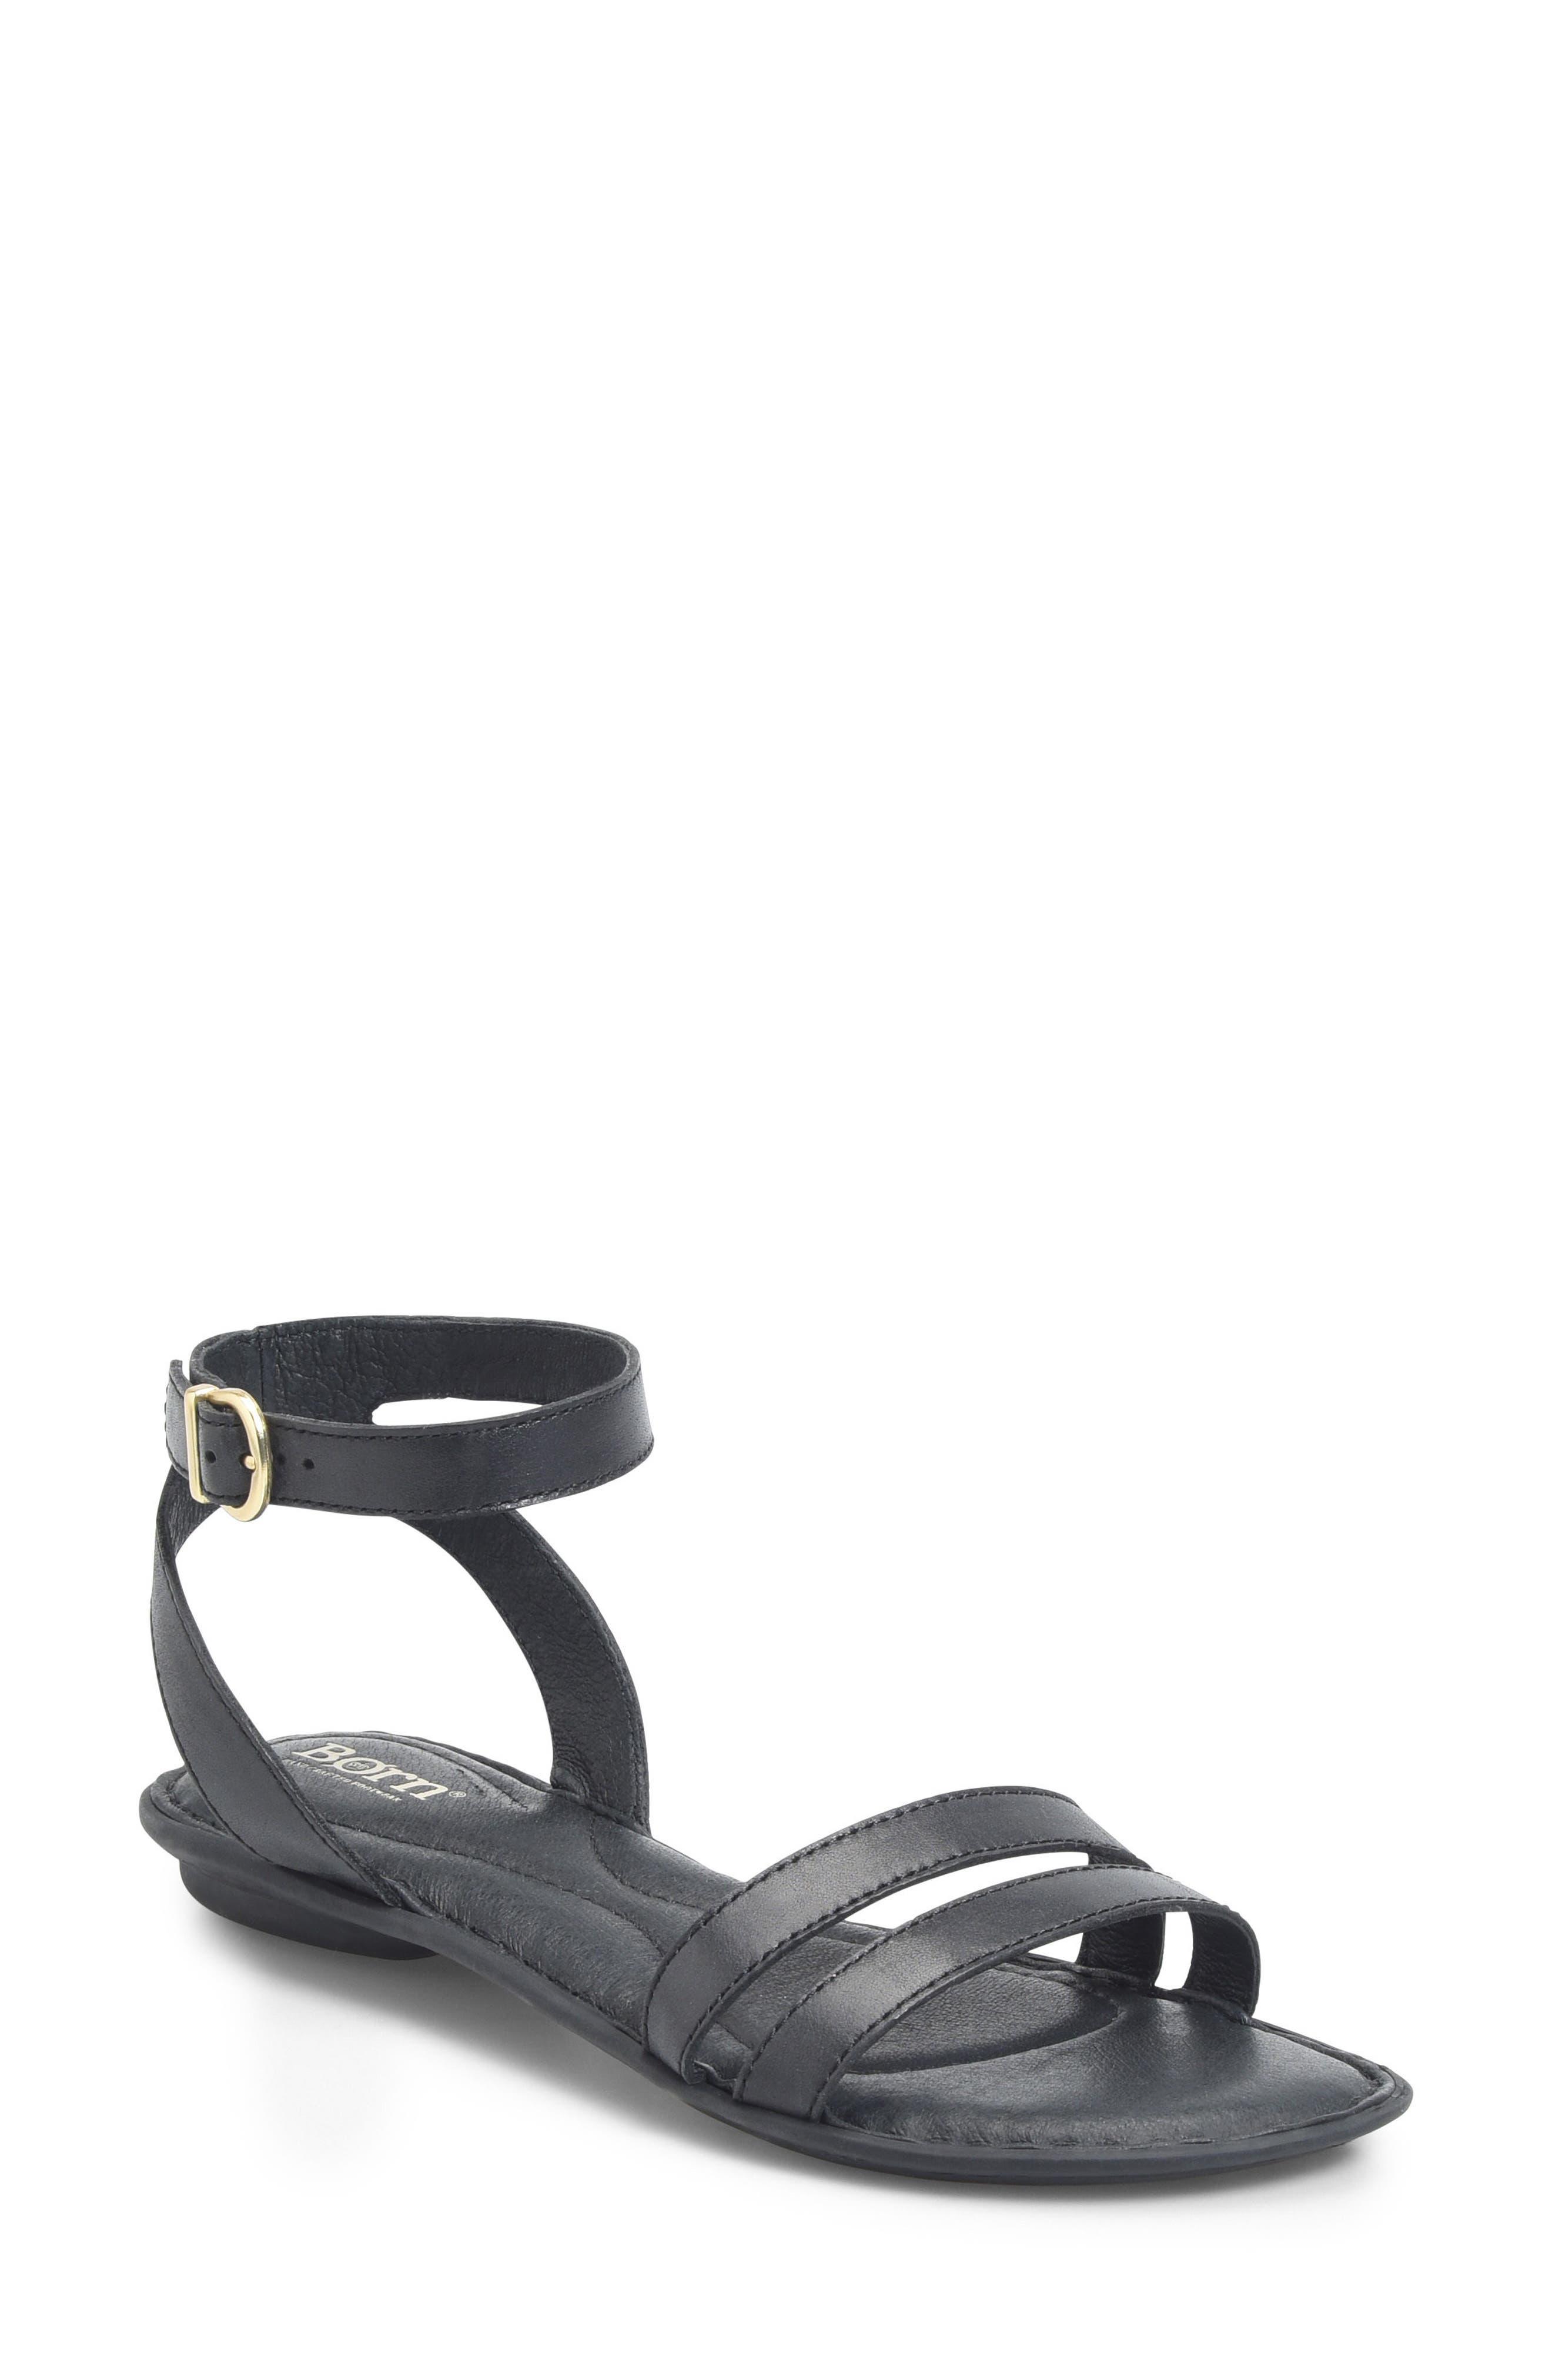 B?rn Mai Easy Sandal, Black